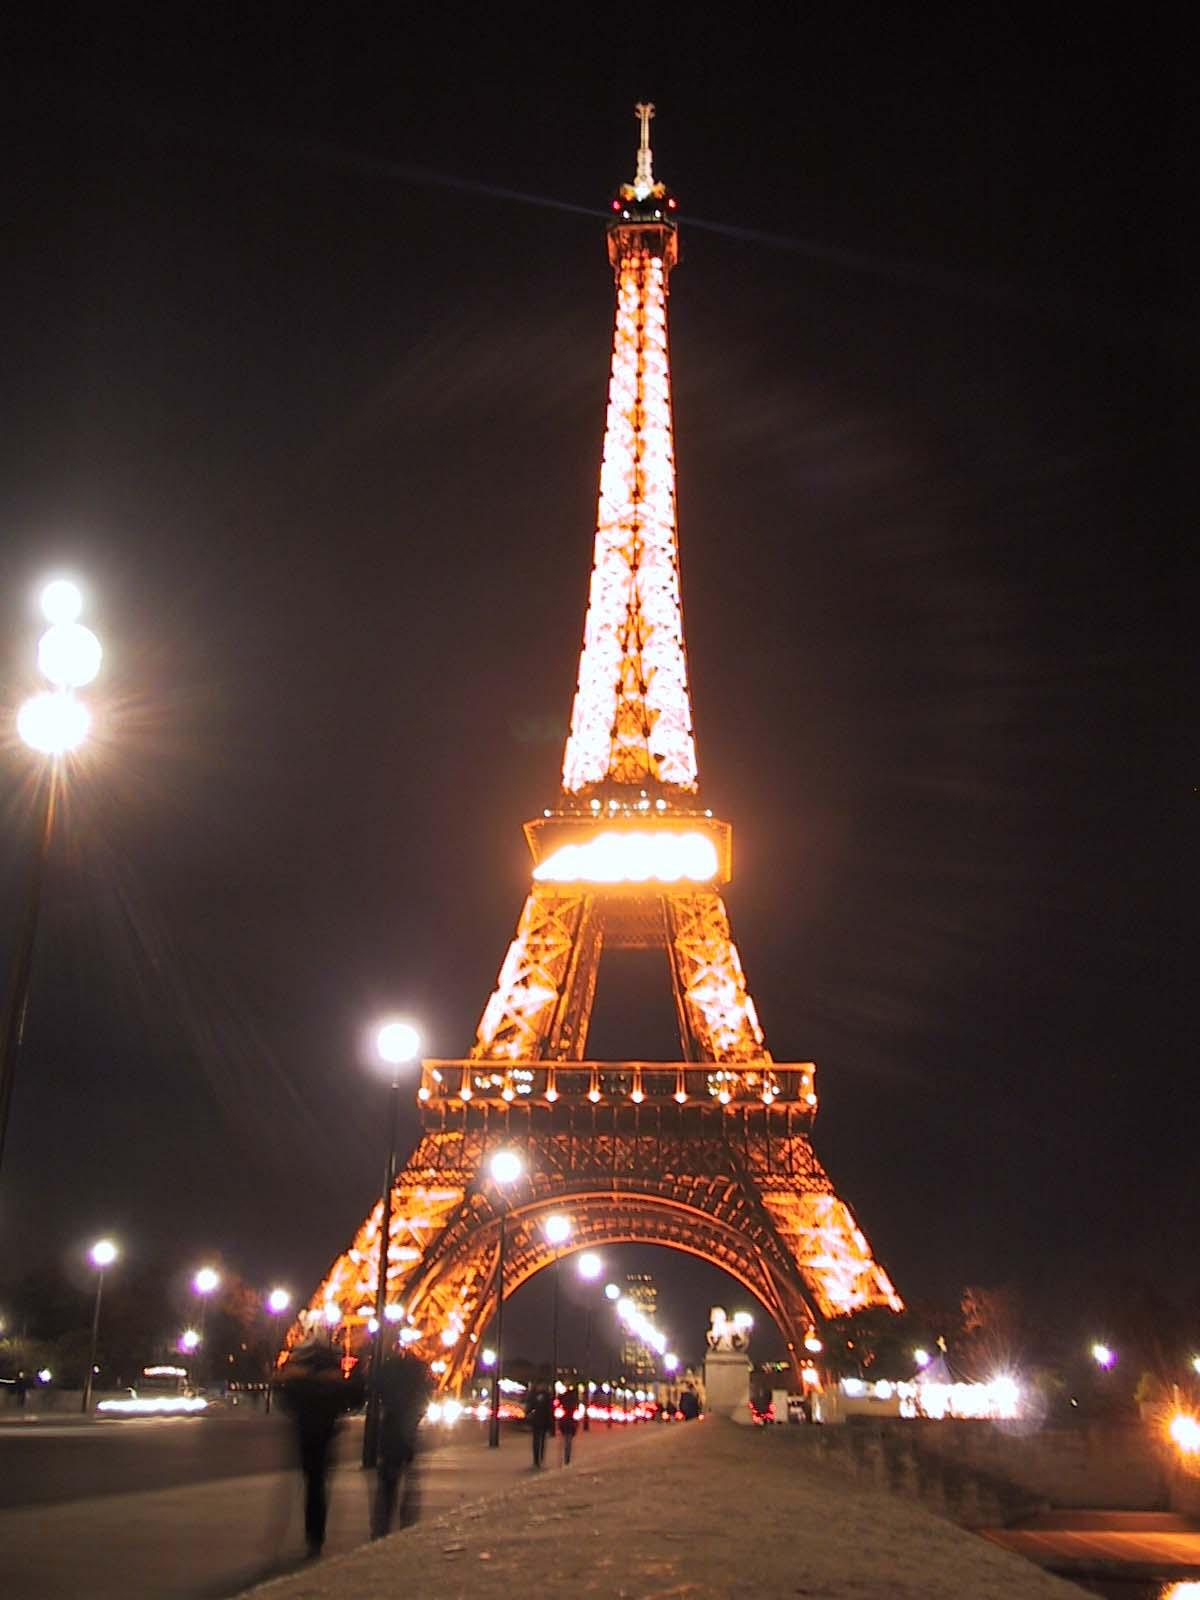 http://4.bp.blogspot.com/_0Qtf0yZ2Tm8/TQ0LeWeQAzI/AAAAAAAAAqo/qJ4WZj0JnOQ/s1600/paris_eiffel_tower1.jpg